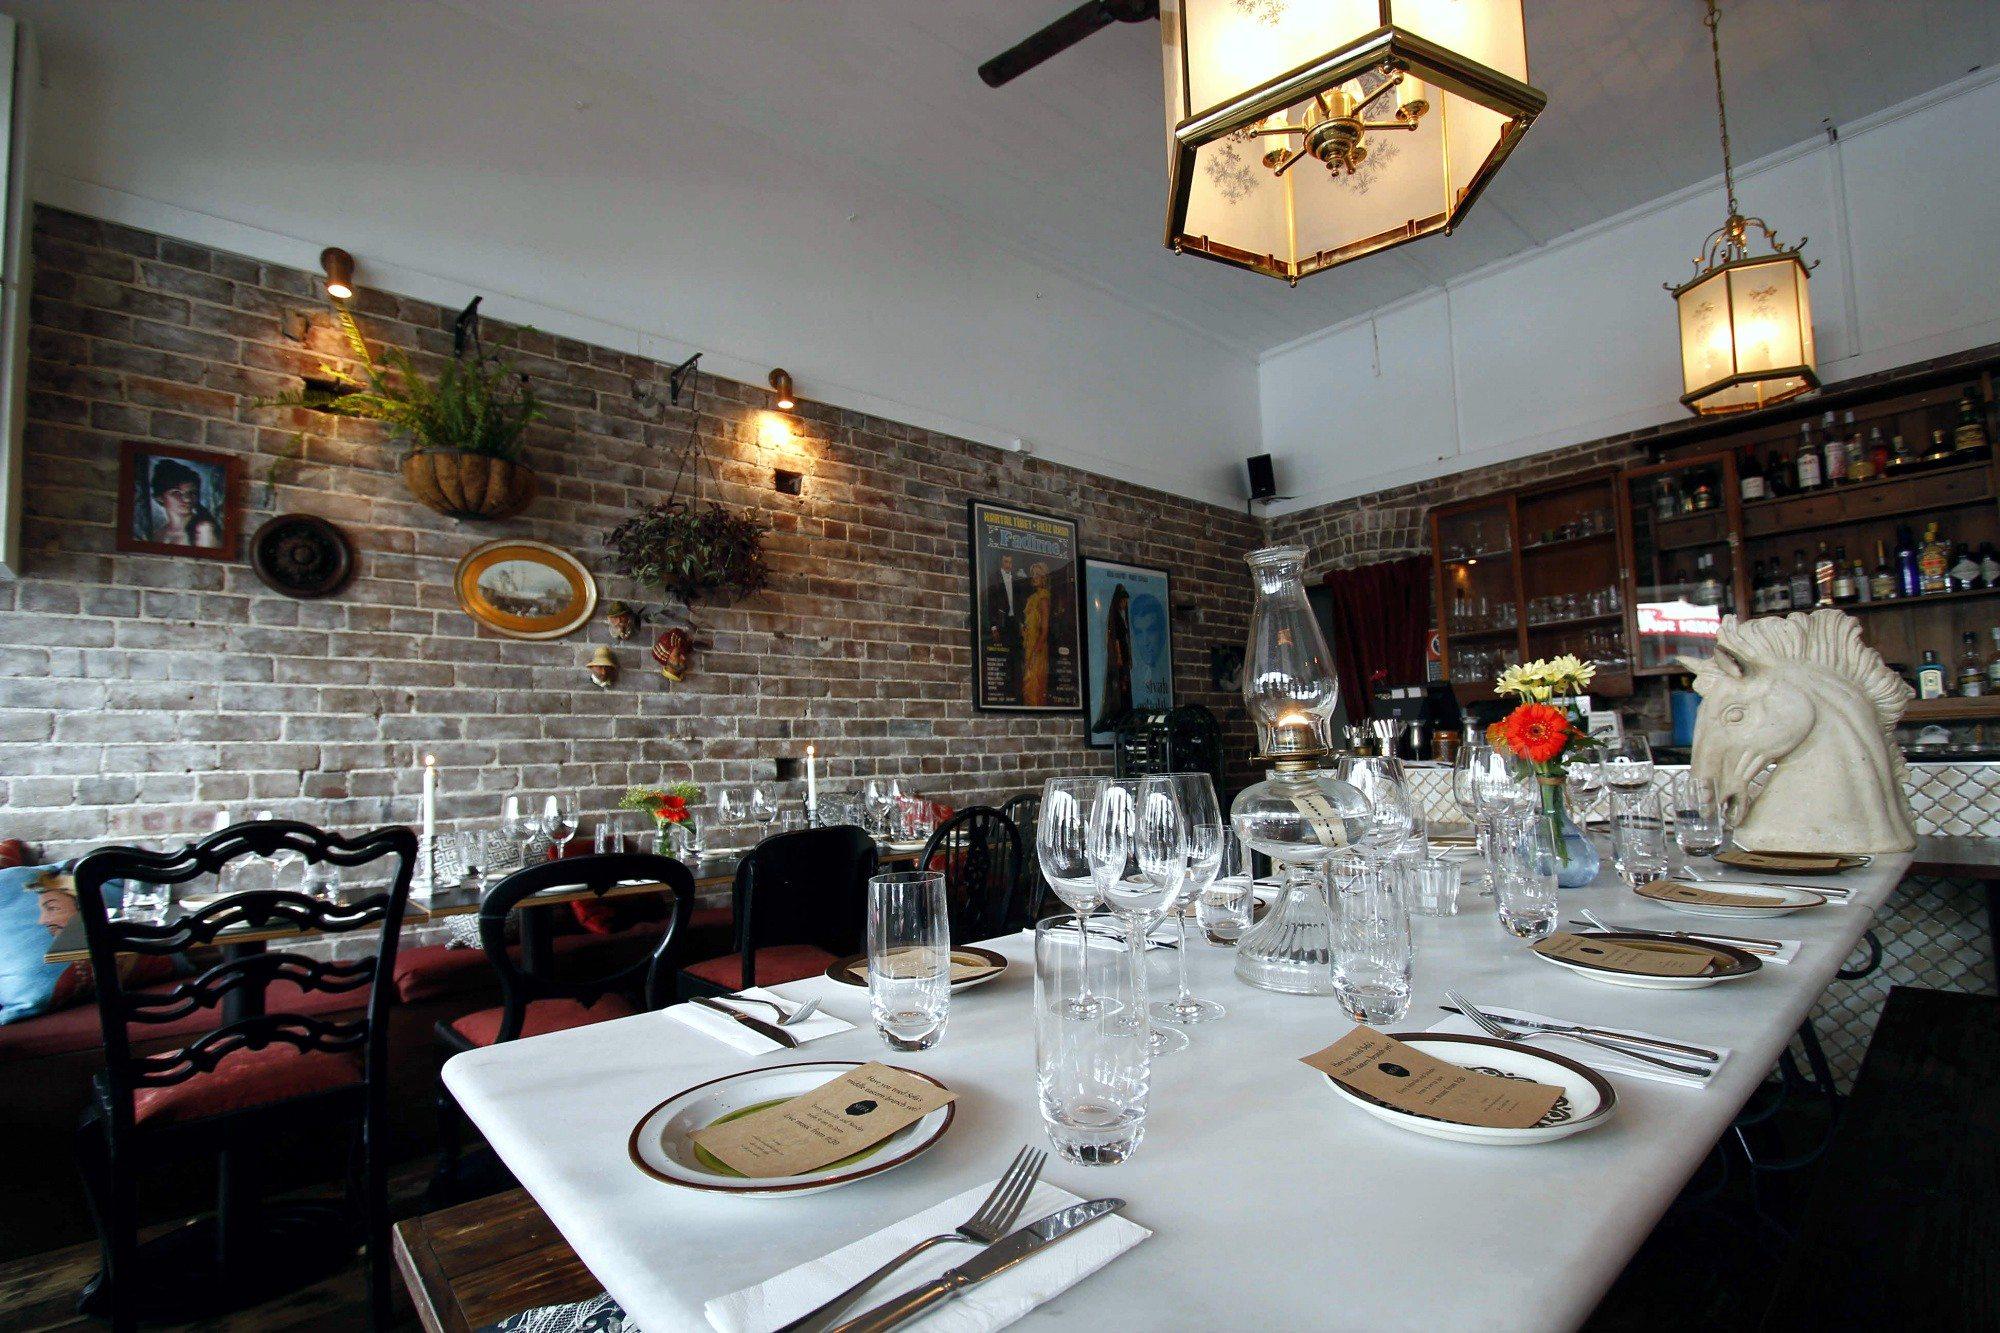 Restaurant Lighting at Sefa Kitchen by Limelight Australia